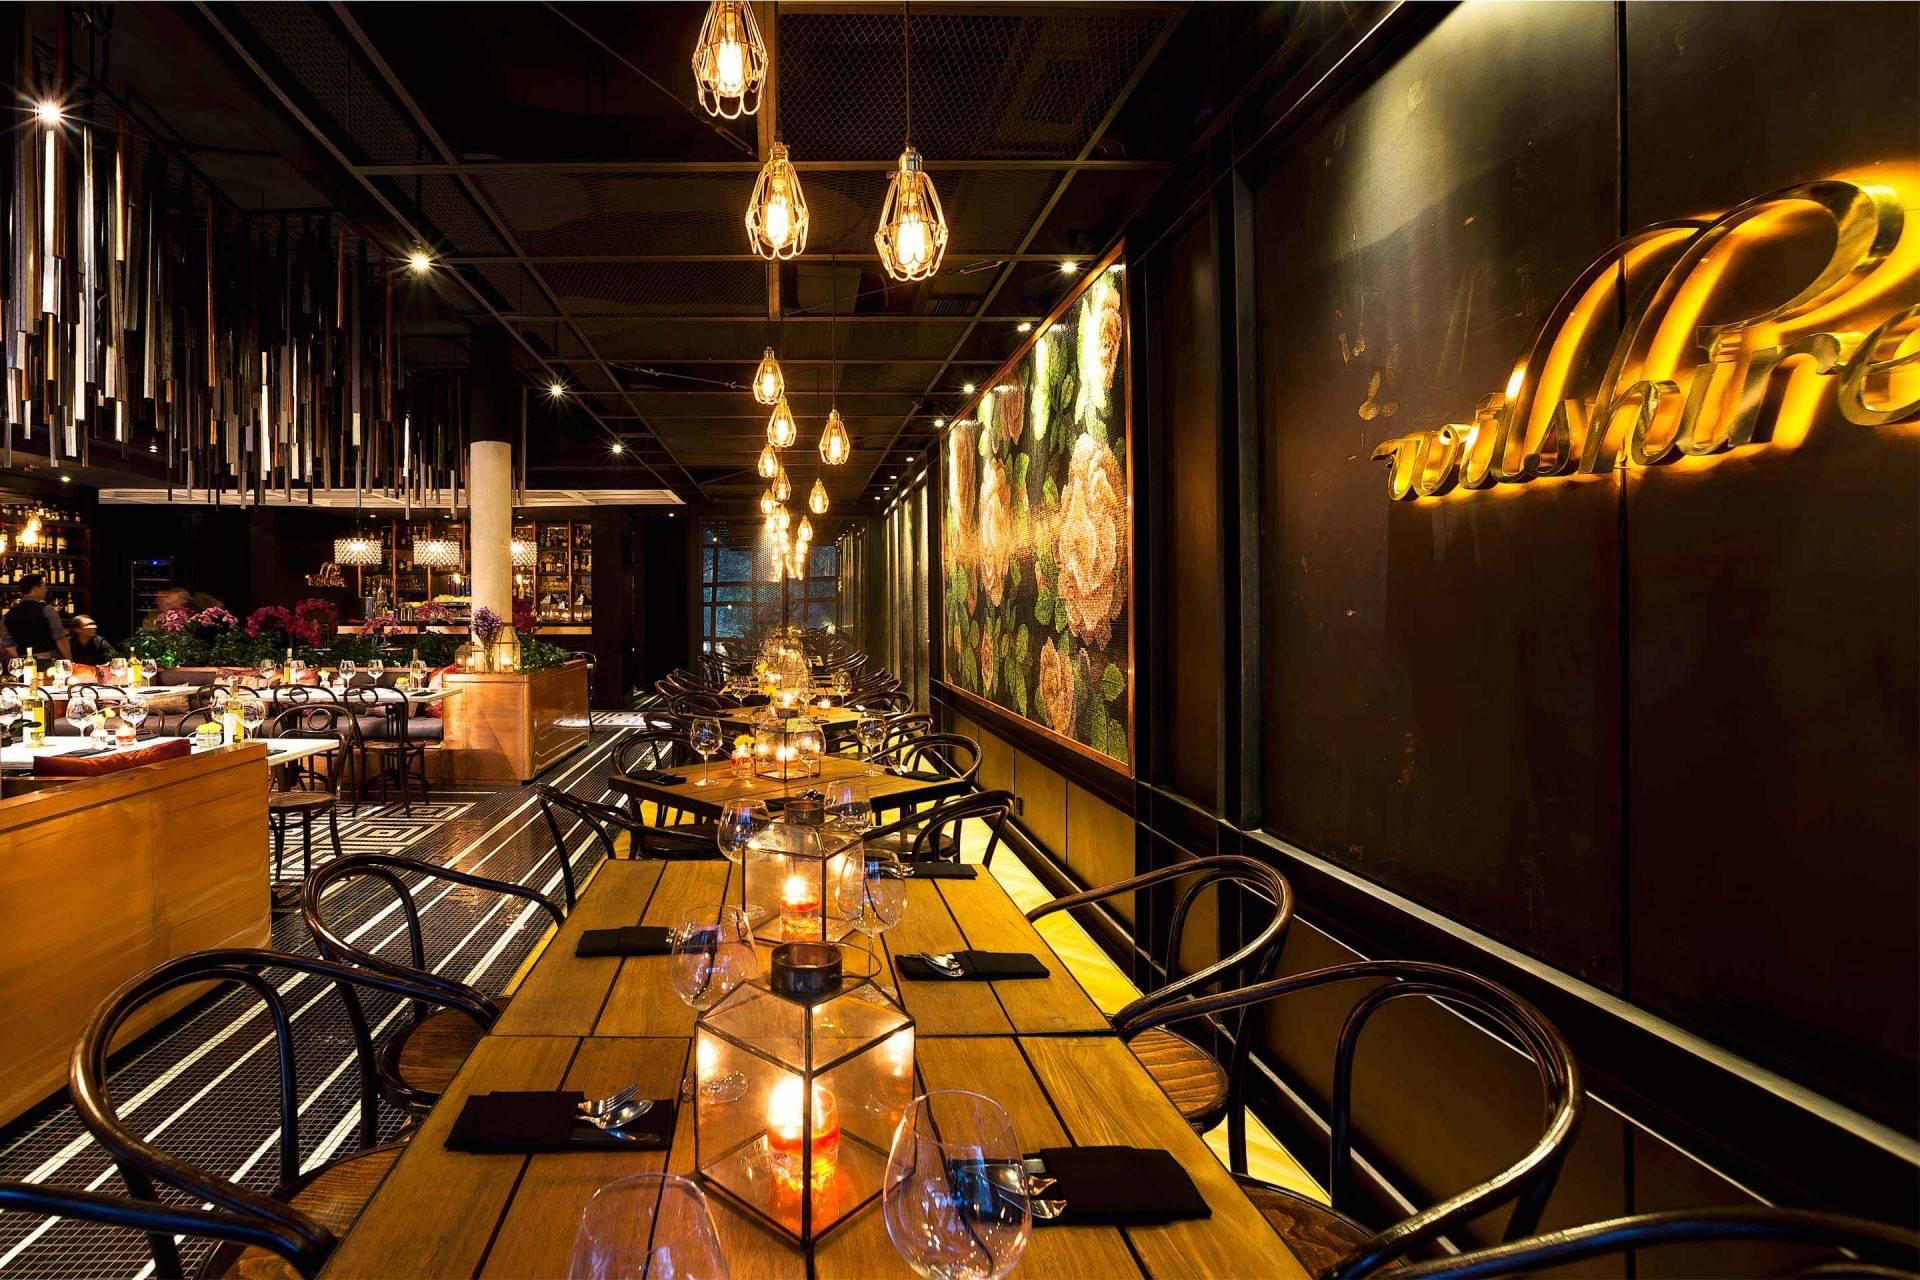 Leo Einstein Fransiscus Wilshire Restaurant Jakarta Senopati 64 - Jakarta Senopati 64 - Jakarta Seating Area Interior View Klasik  7623